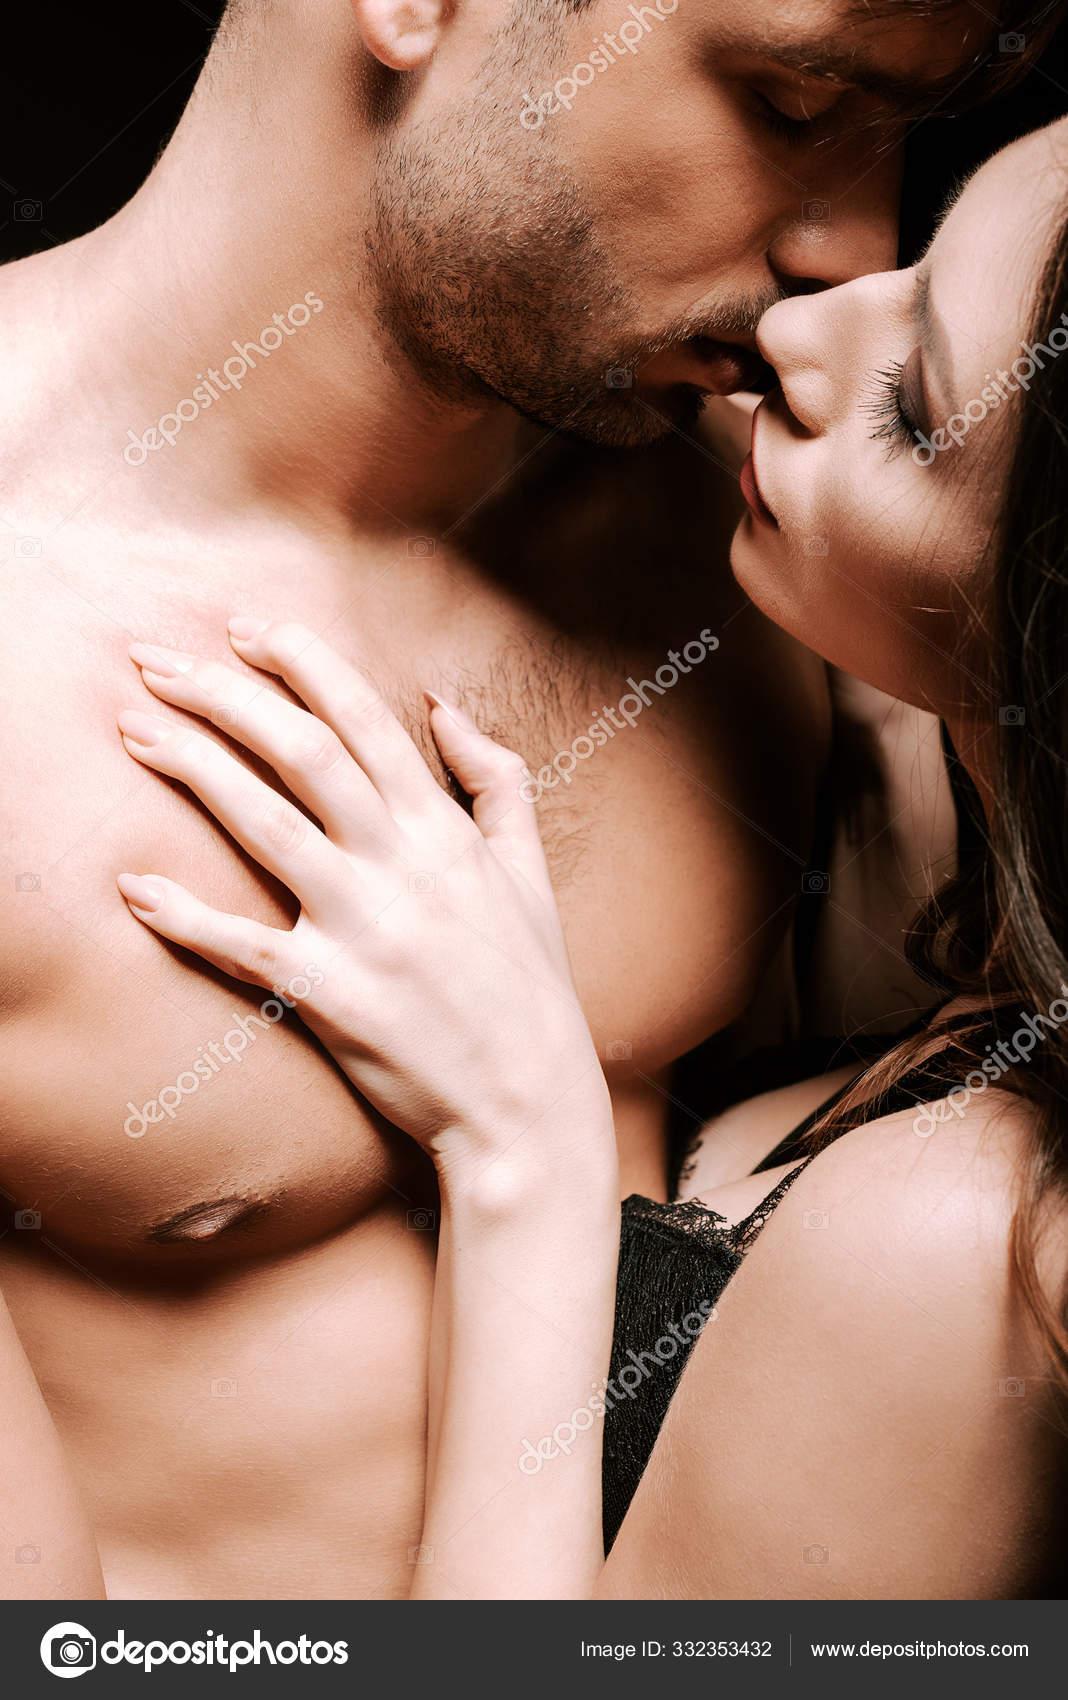 Kissing mans chest woman 7 Places